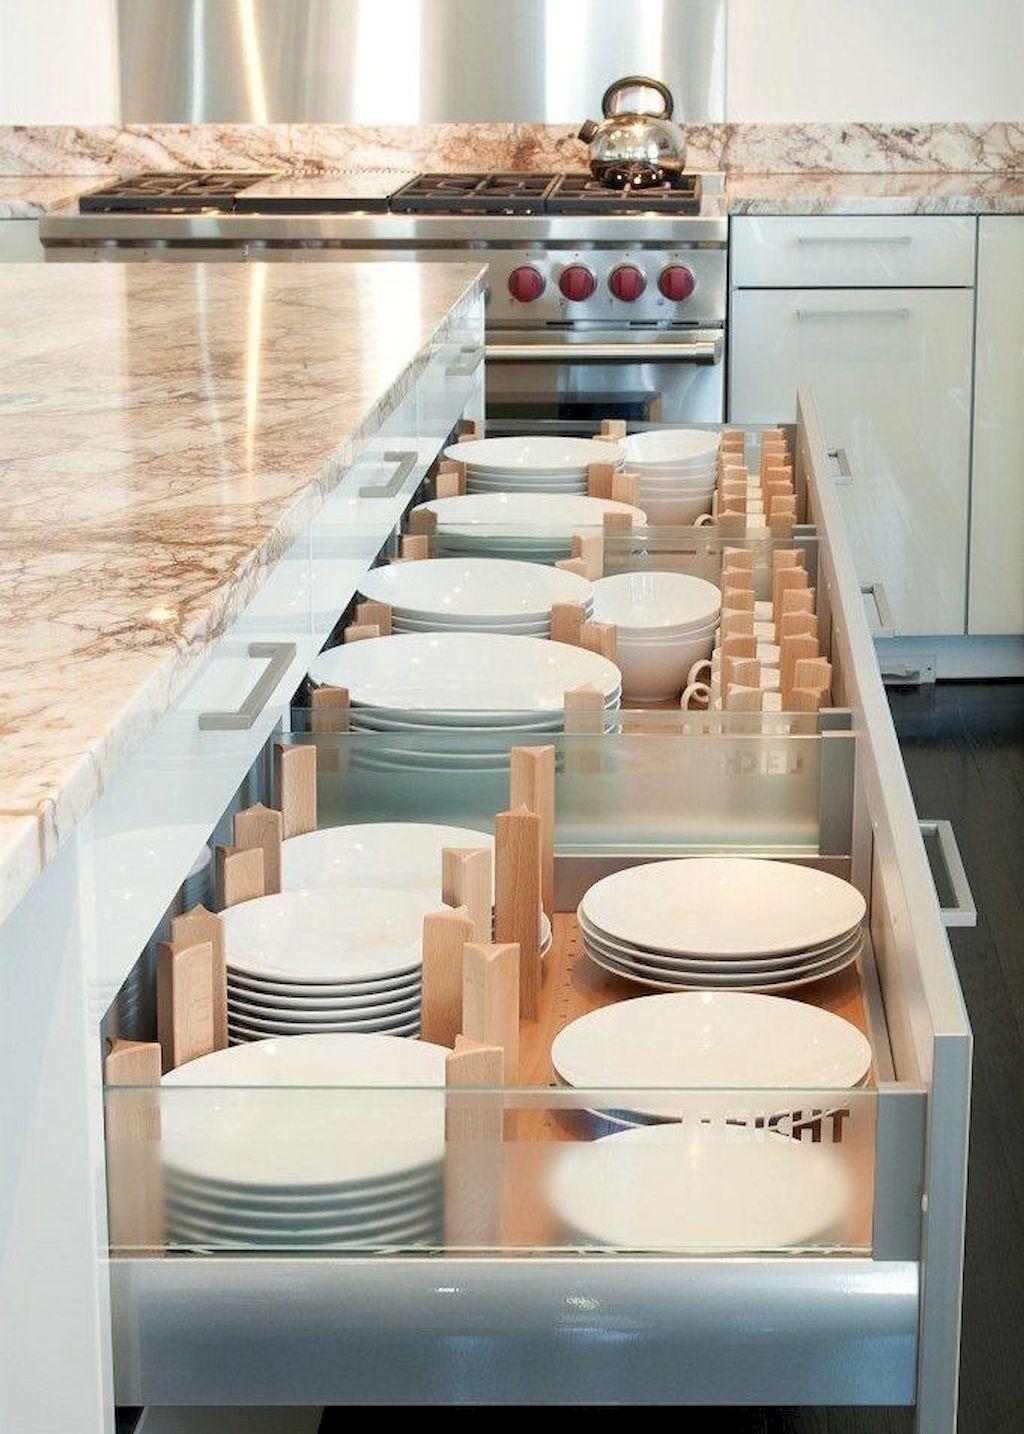 55 Ideen für eine smarte kleine Küchenorganisation und Tipps - homixover.com -  Ideen für die Umgestaltung der Küche – Mit einer intelligenten Gestaltung der Küche kann sich  - #eine #für #homixover #homixovercom #ideen #kleine #kuchenorganisation #smarte #tipps #und #organizingsmallkitchens